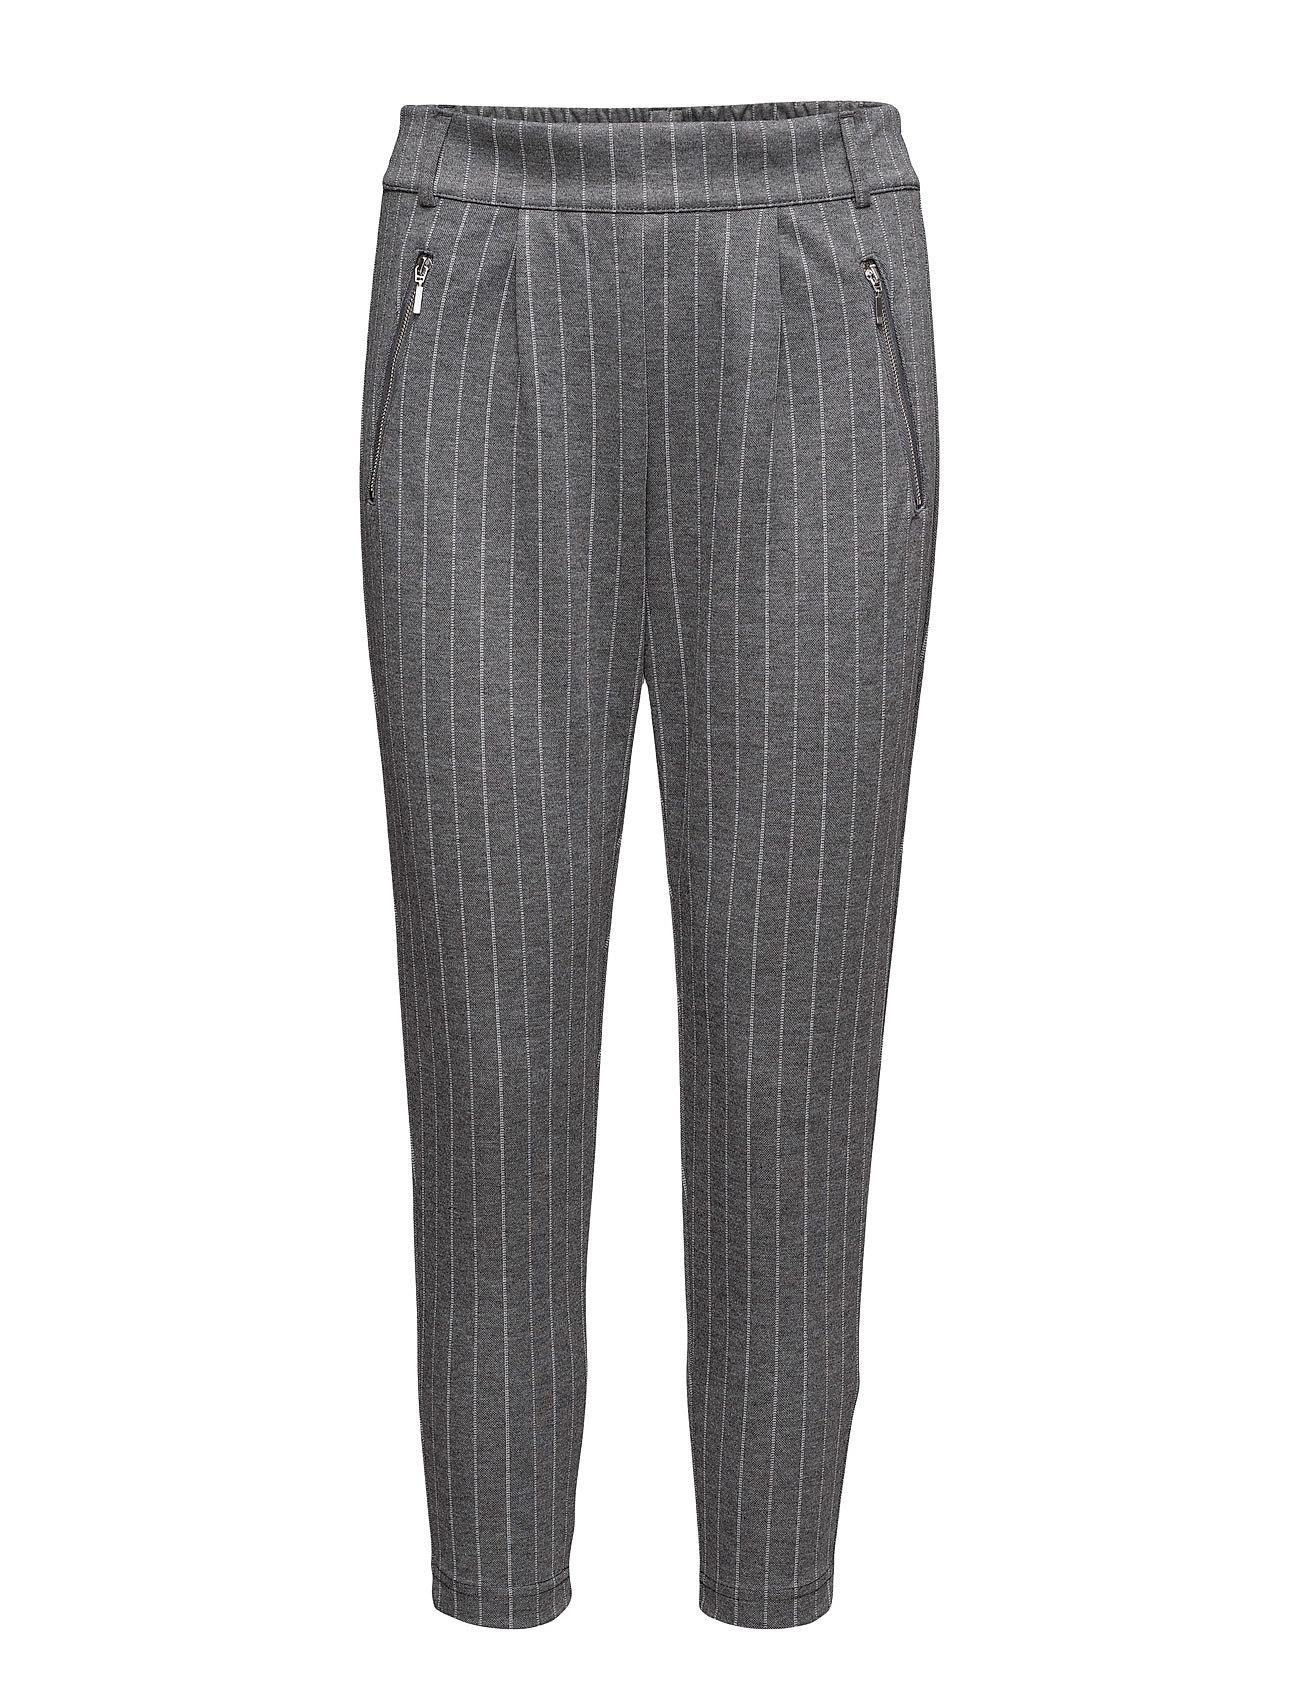 Onlpoptrash Easy Ankle Zip Stripe Pant ONLY Bukser til Kvinder i